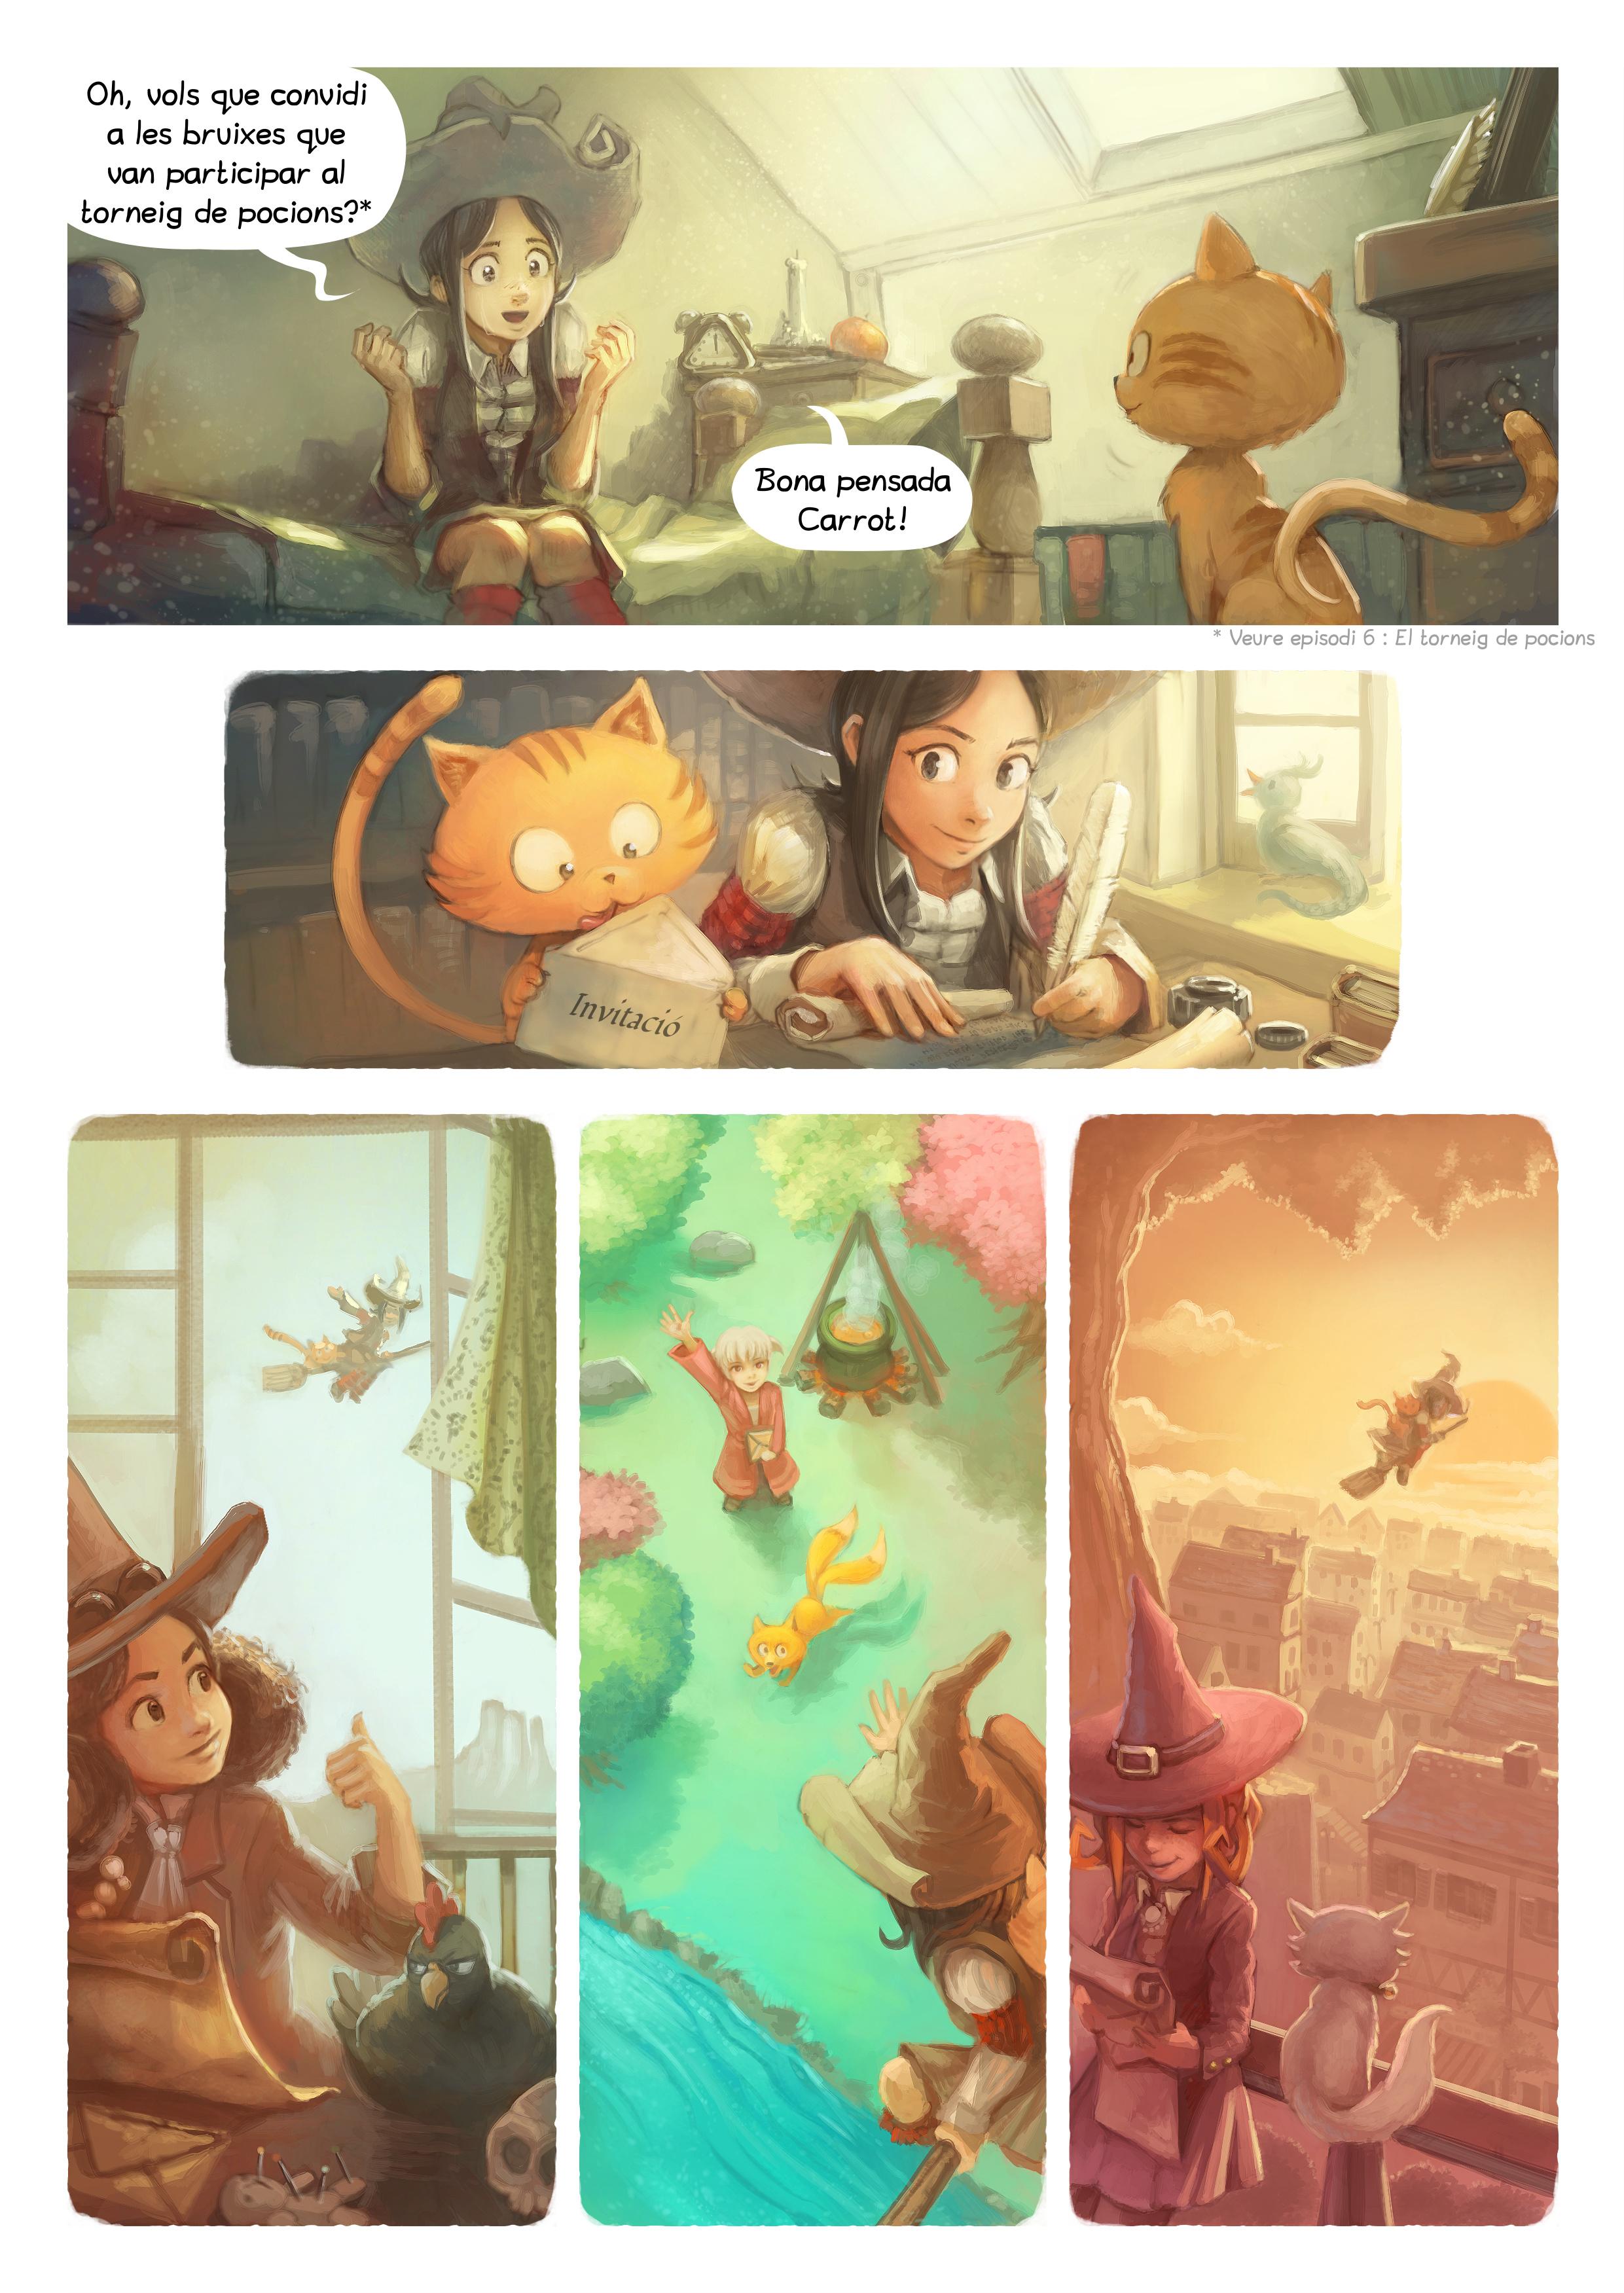 A webcomic page of Pepper&Carrot, episodi 8 [ca], pàgina 2